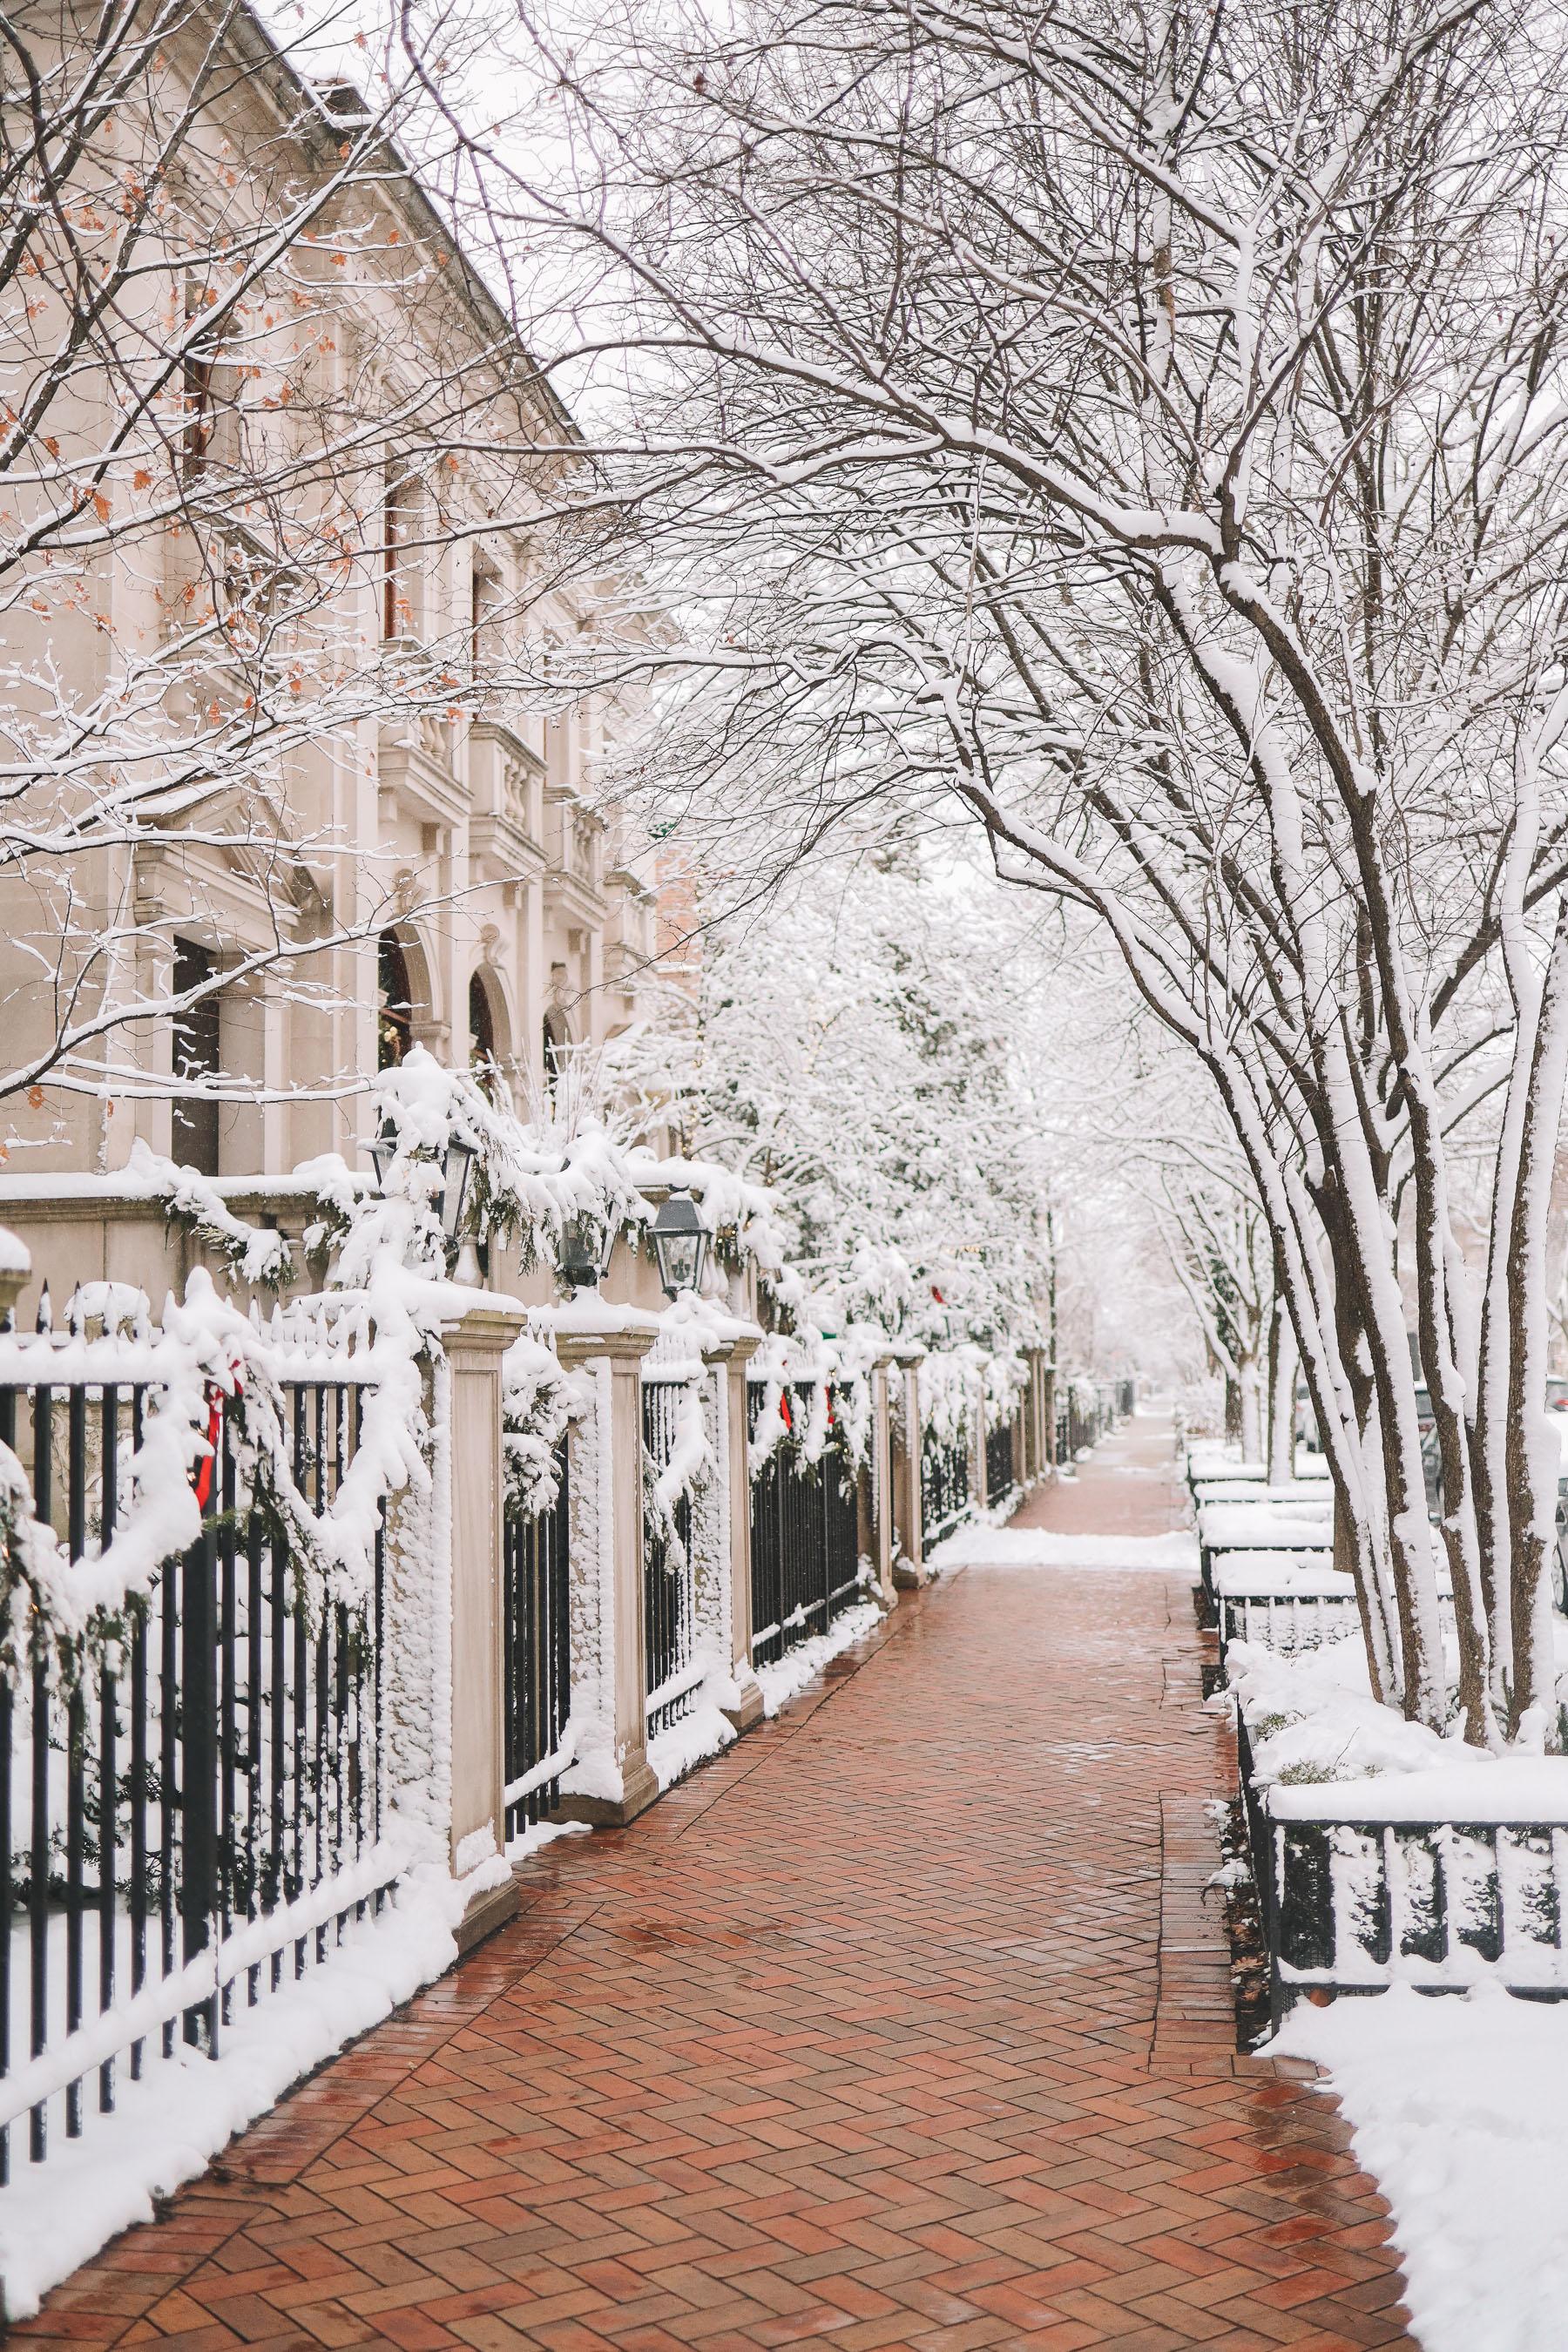 chicago winter wonderland